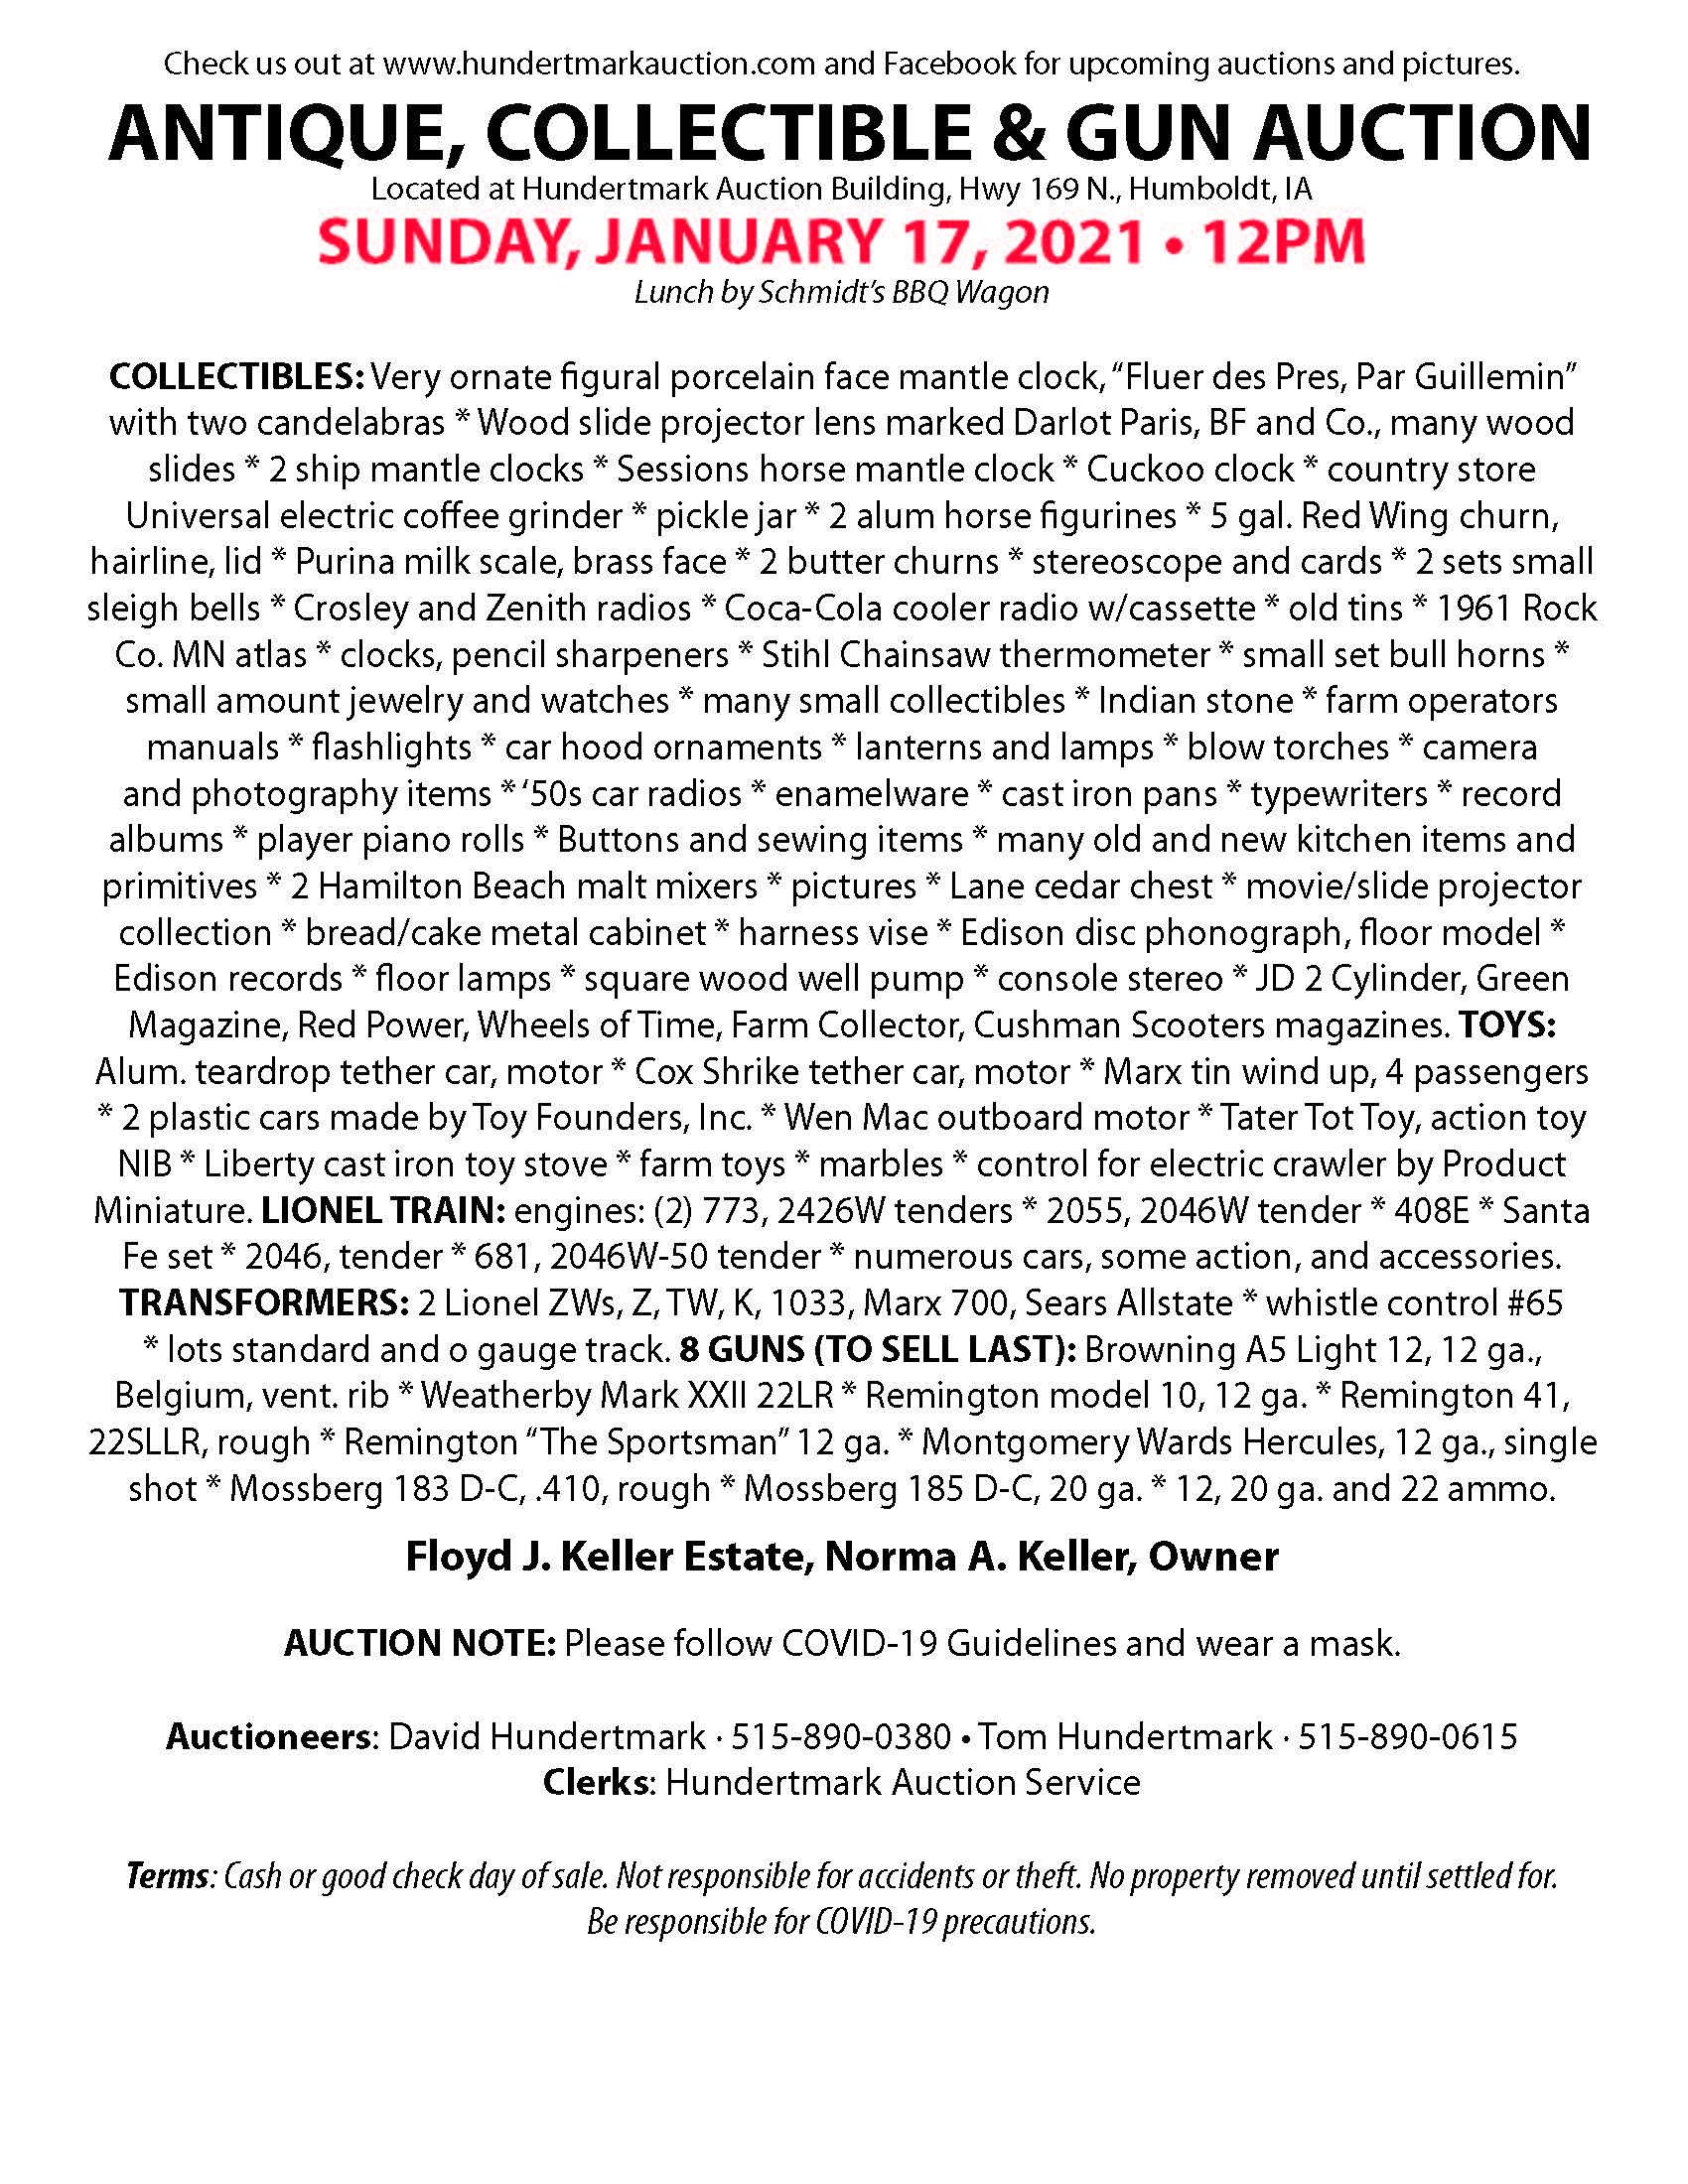 Hundertmark Keller 1-17-21